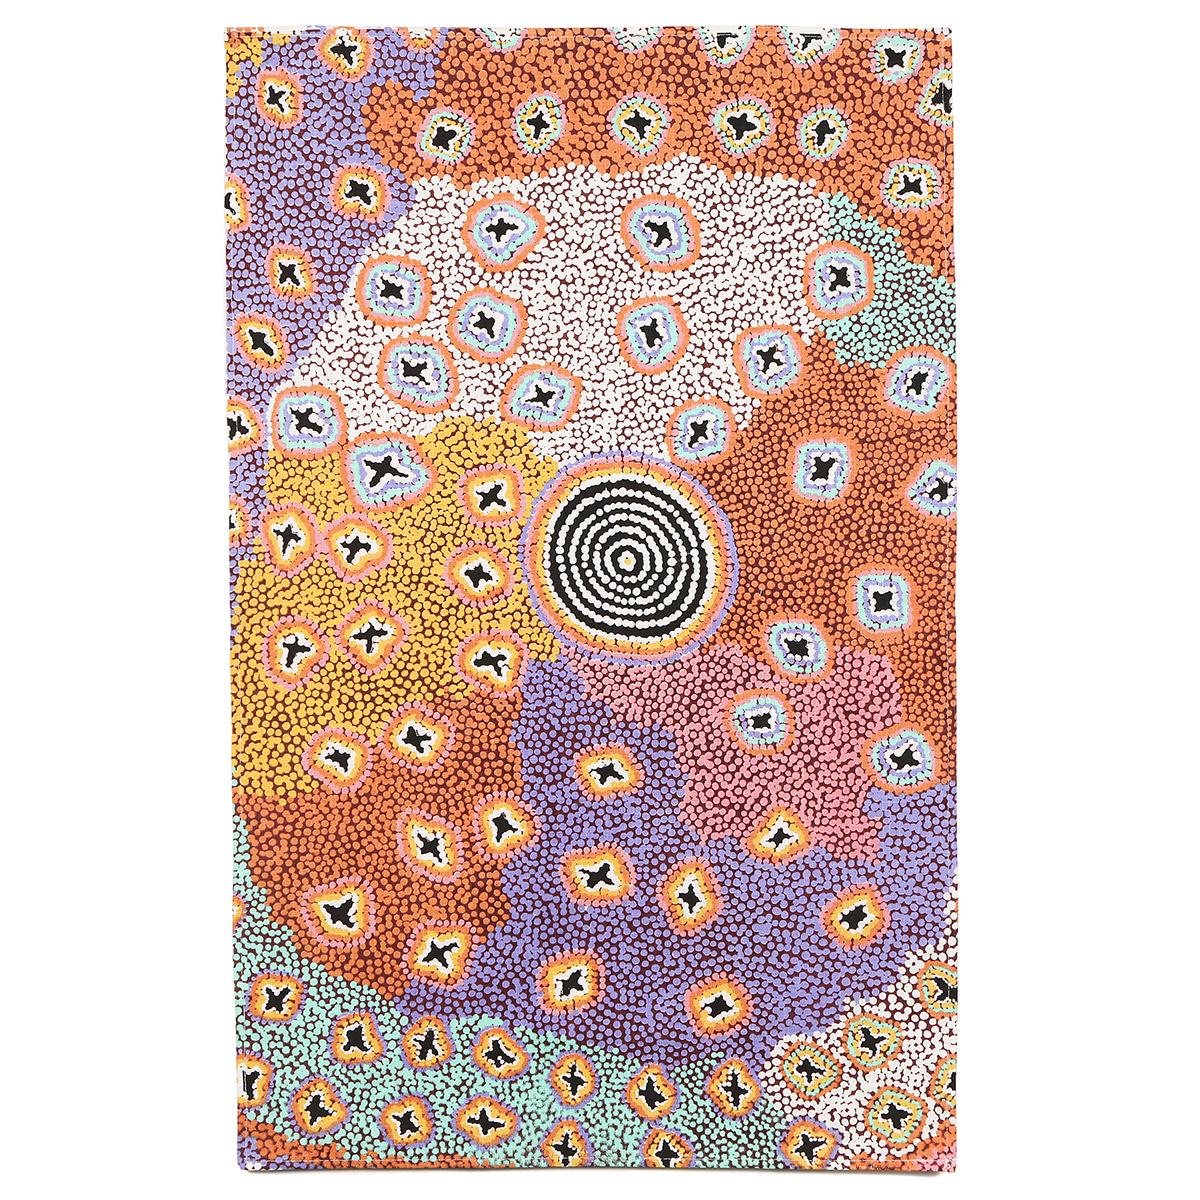 Alperstein Designs -- Australia: Ruth Stewart Tea Towel